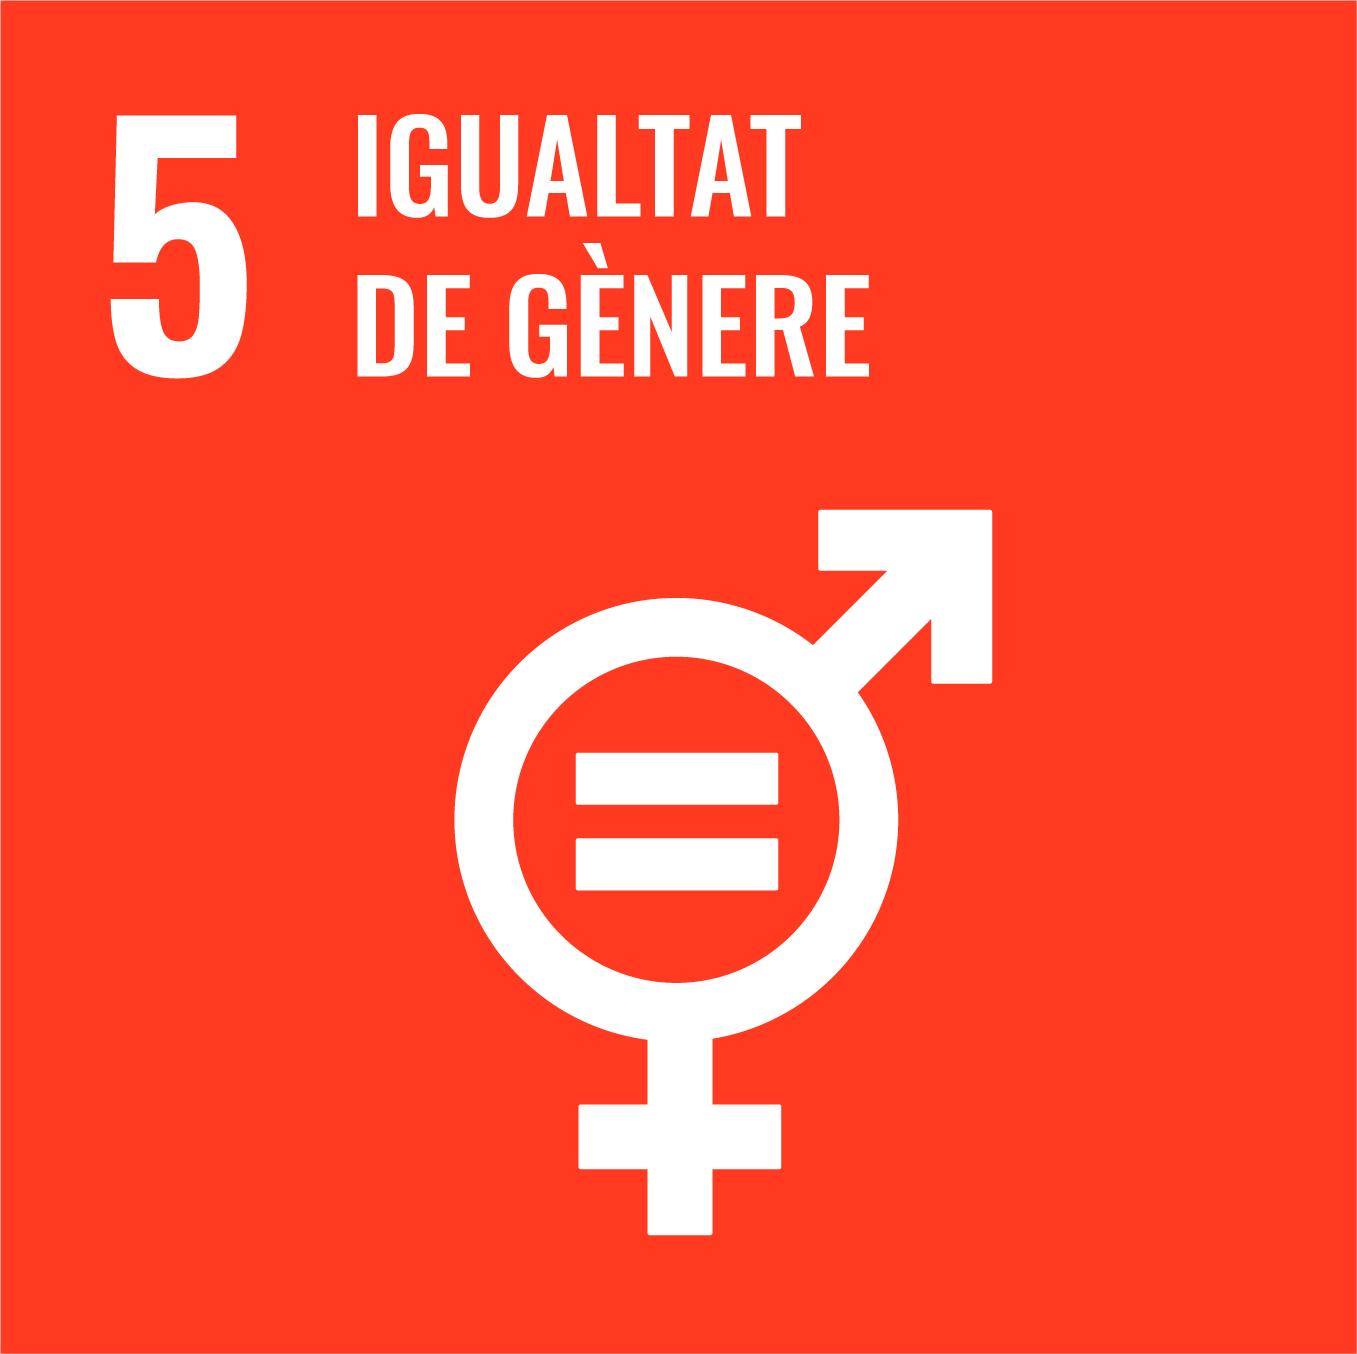 Igualtat de Gènere - Objectiu 5